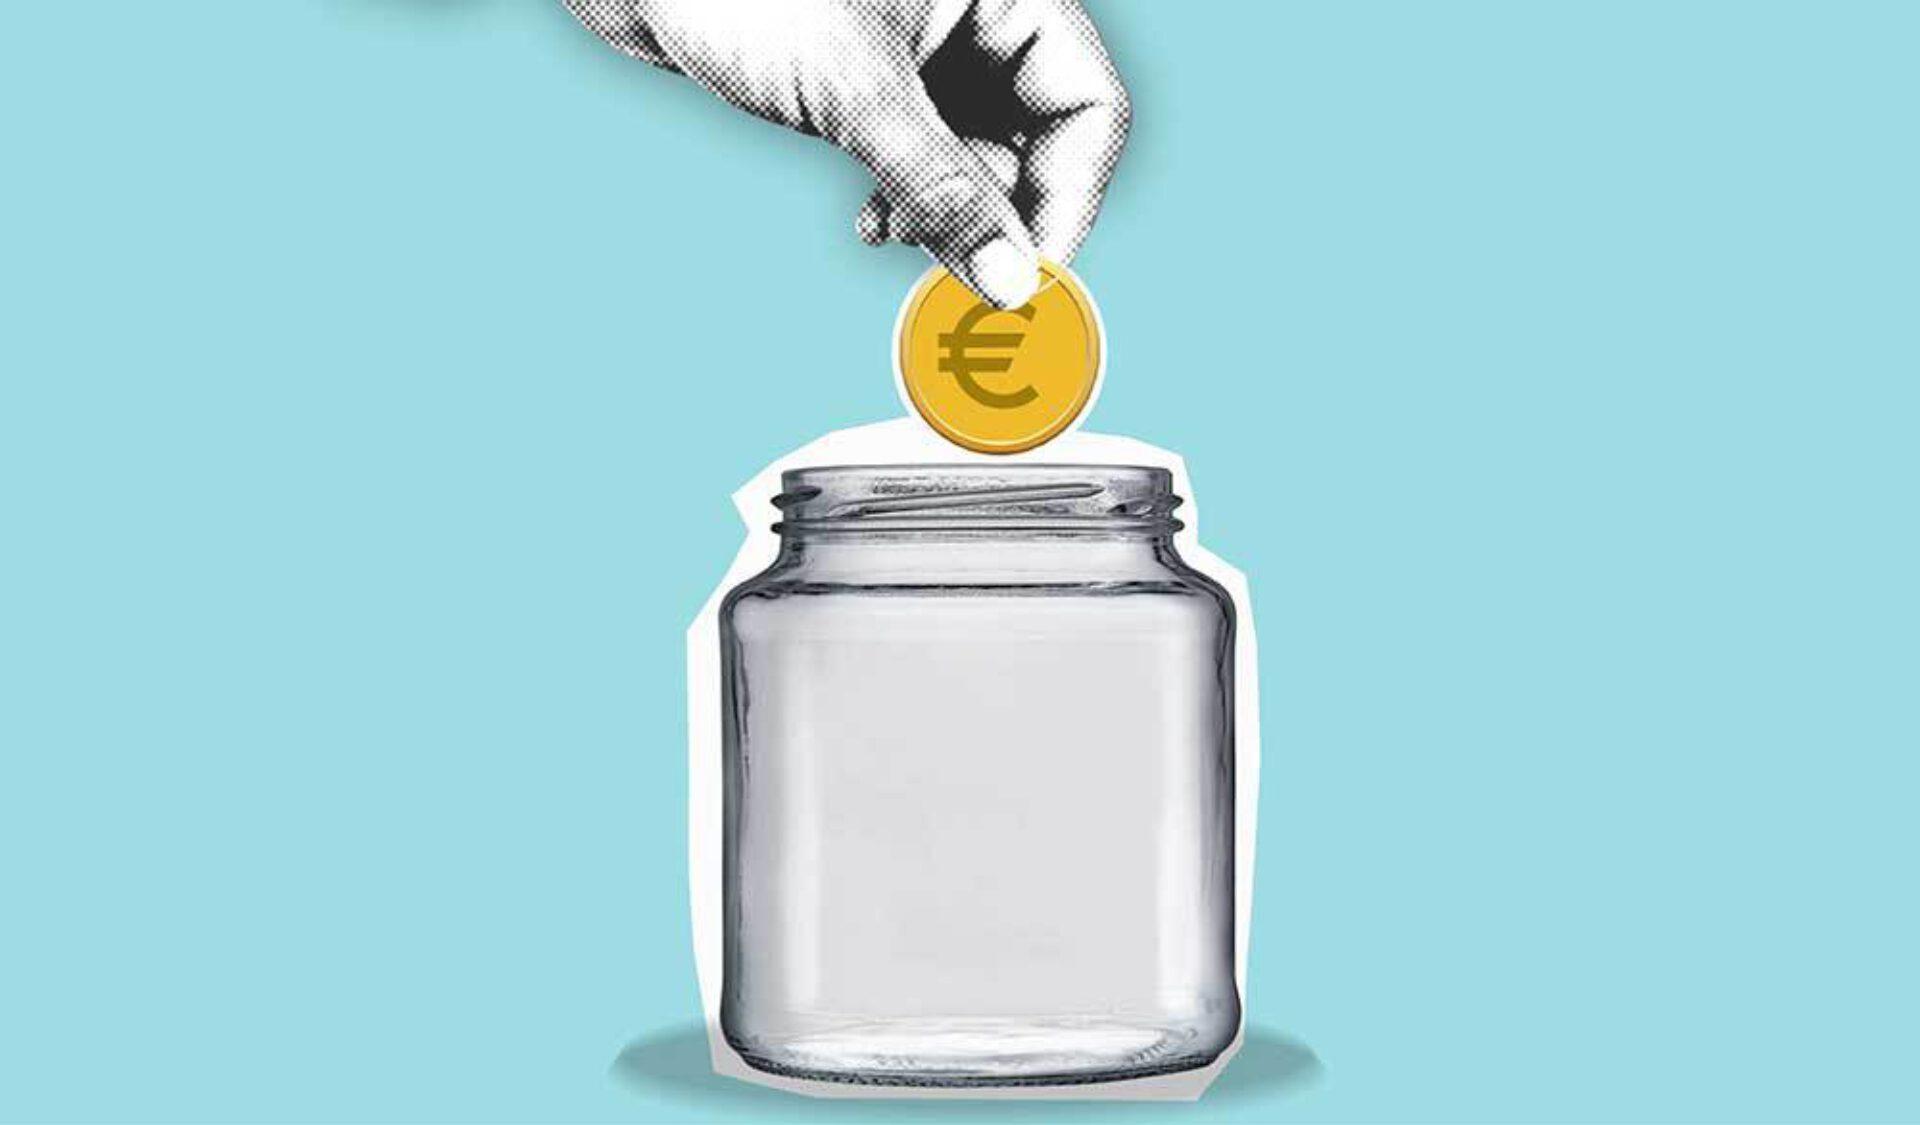 Geld en spiritualiteit: een onmogelijke combinatie? 5 tips om financiële vrijheid te bereiken